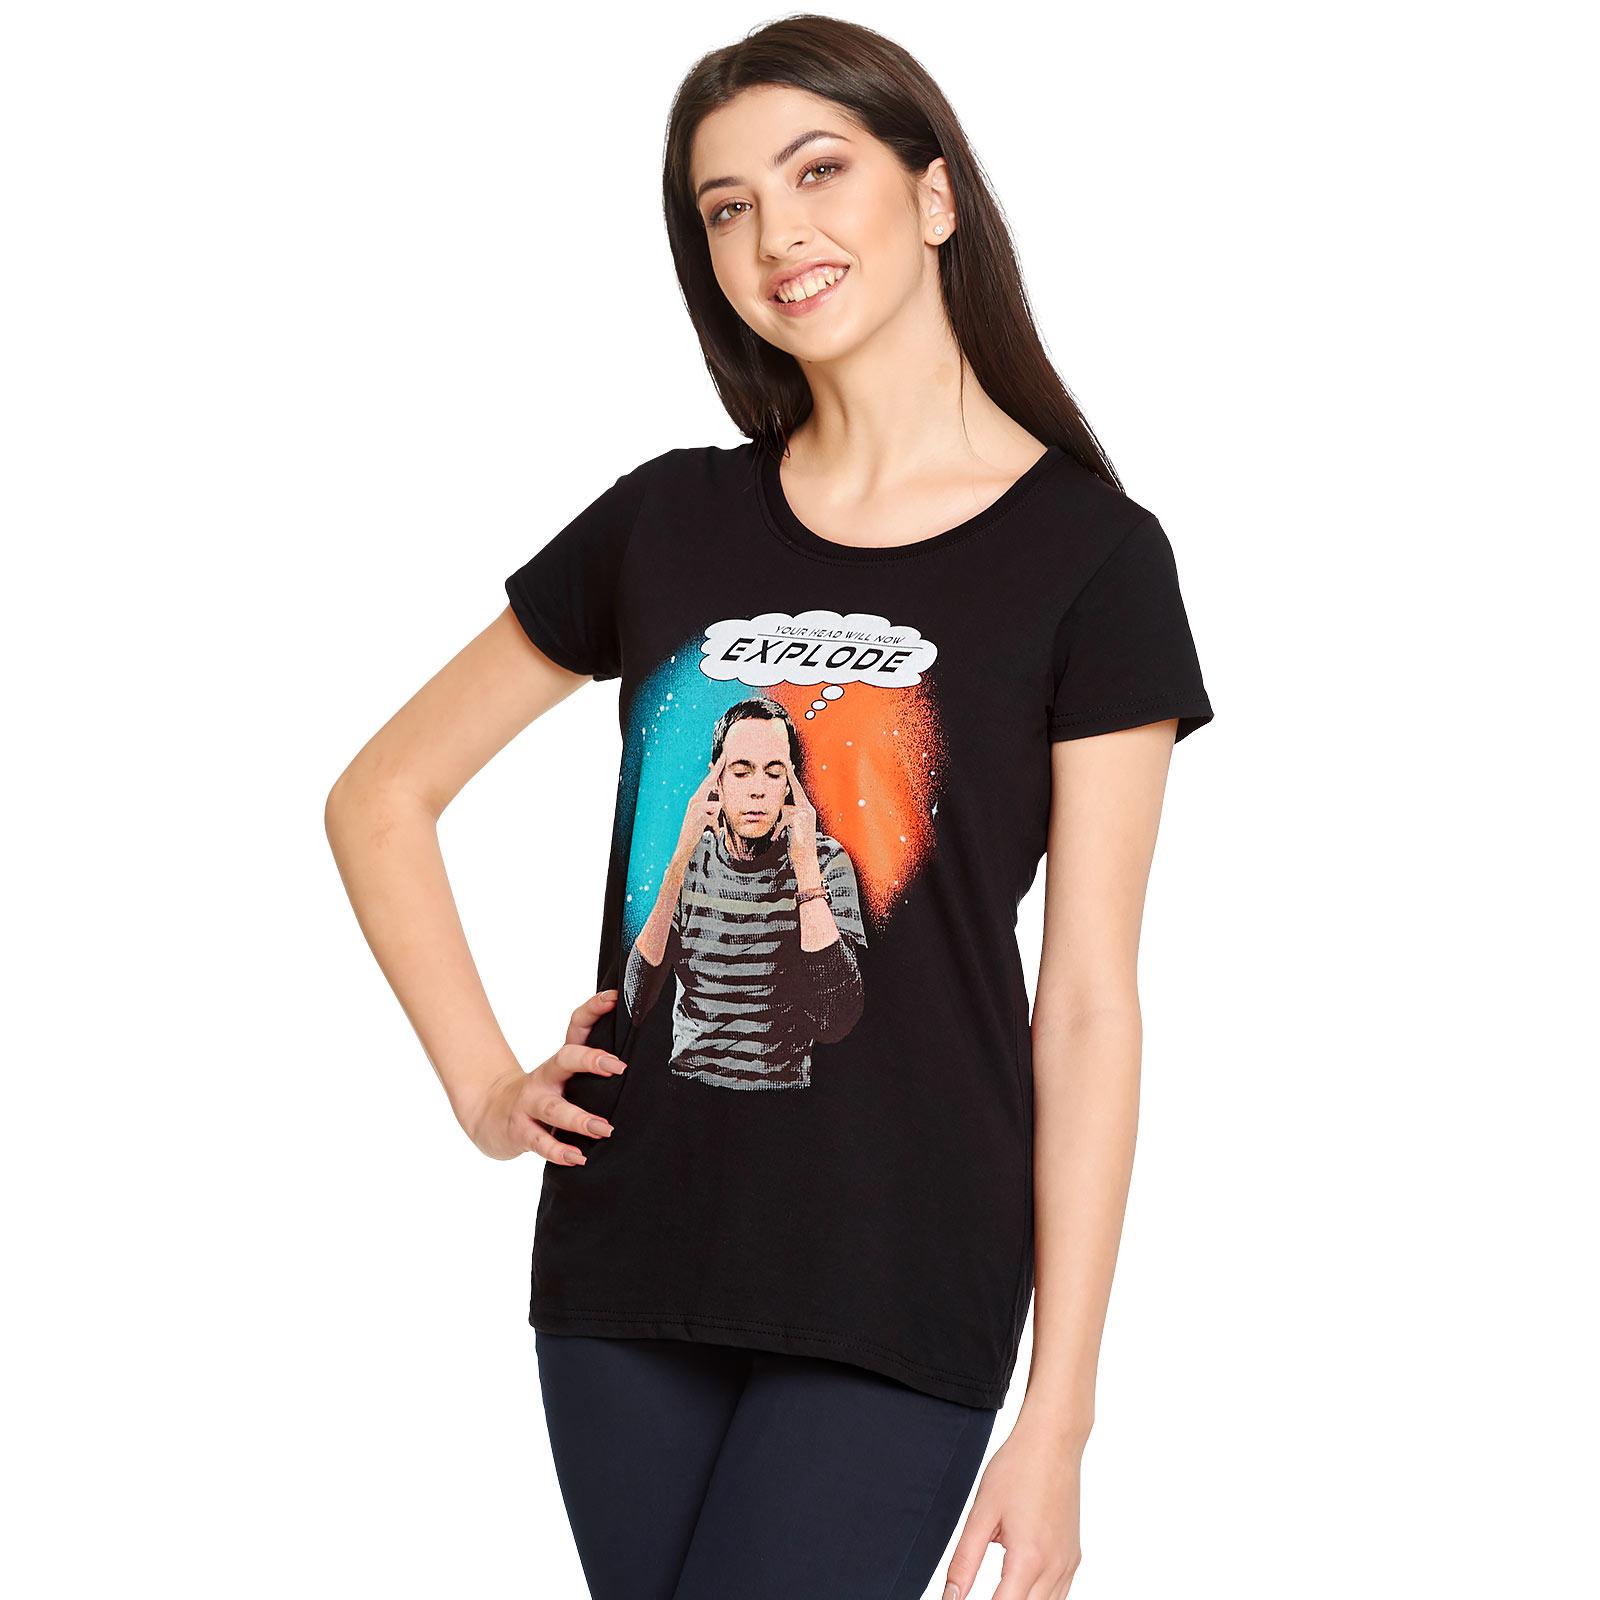 Big Bang Theory - Sheldon Explode T-Shirt Damen schwarz